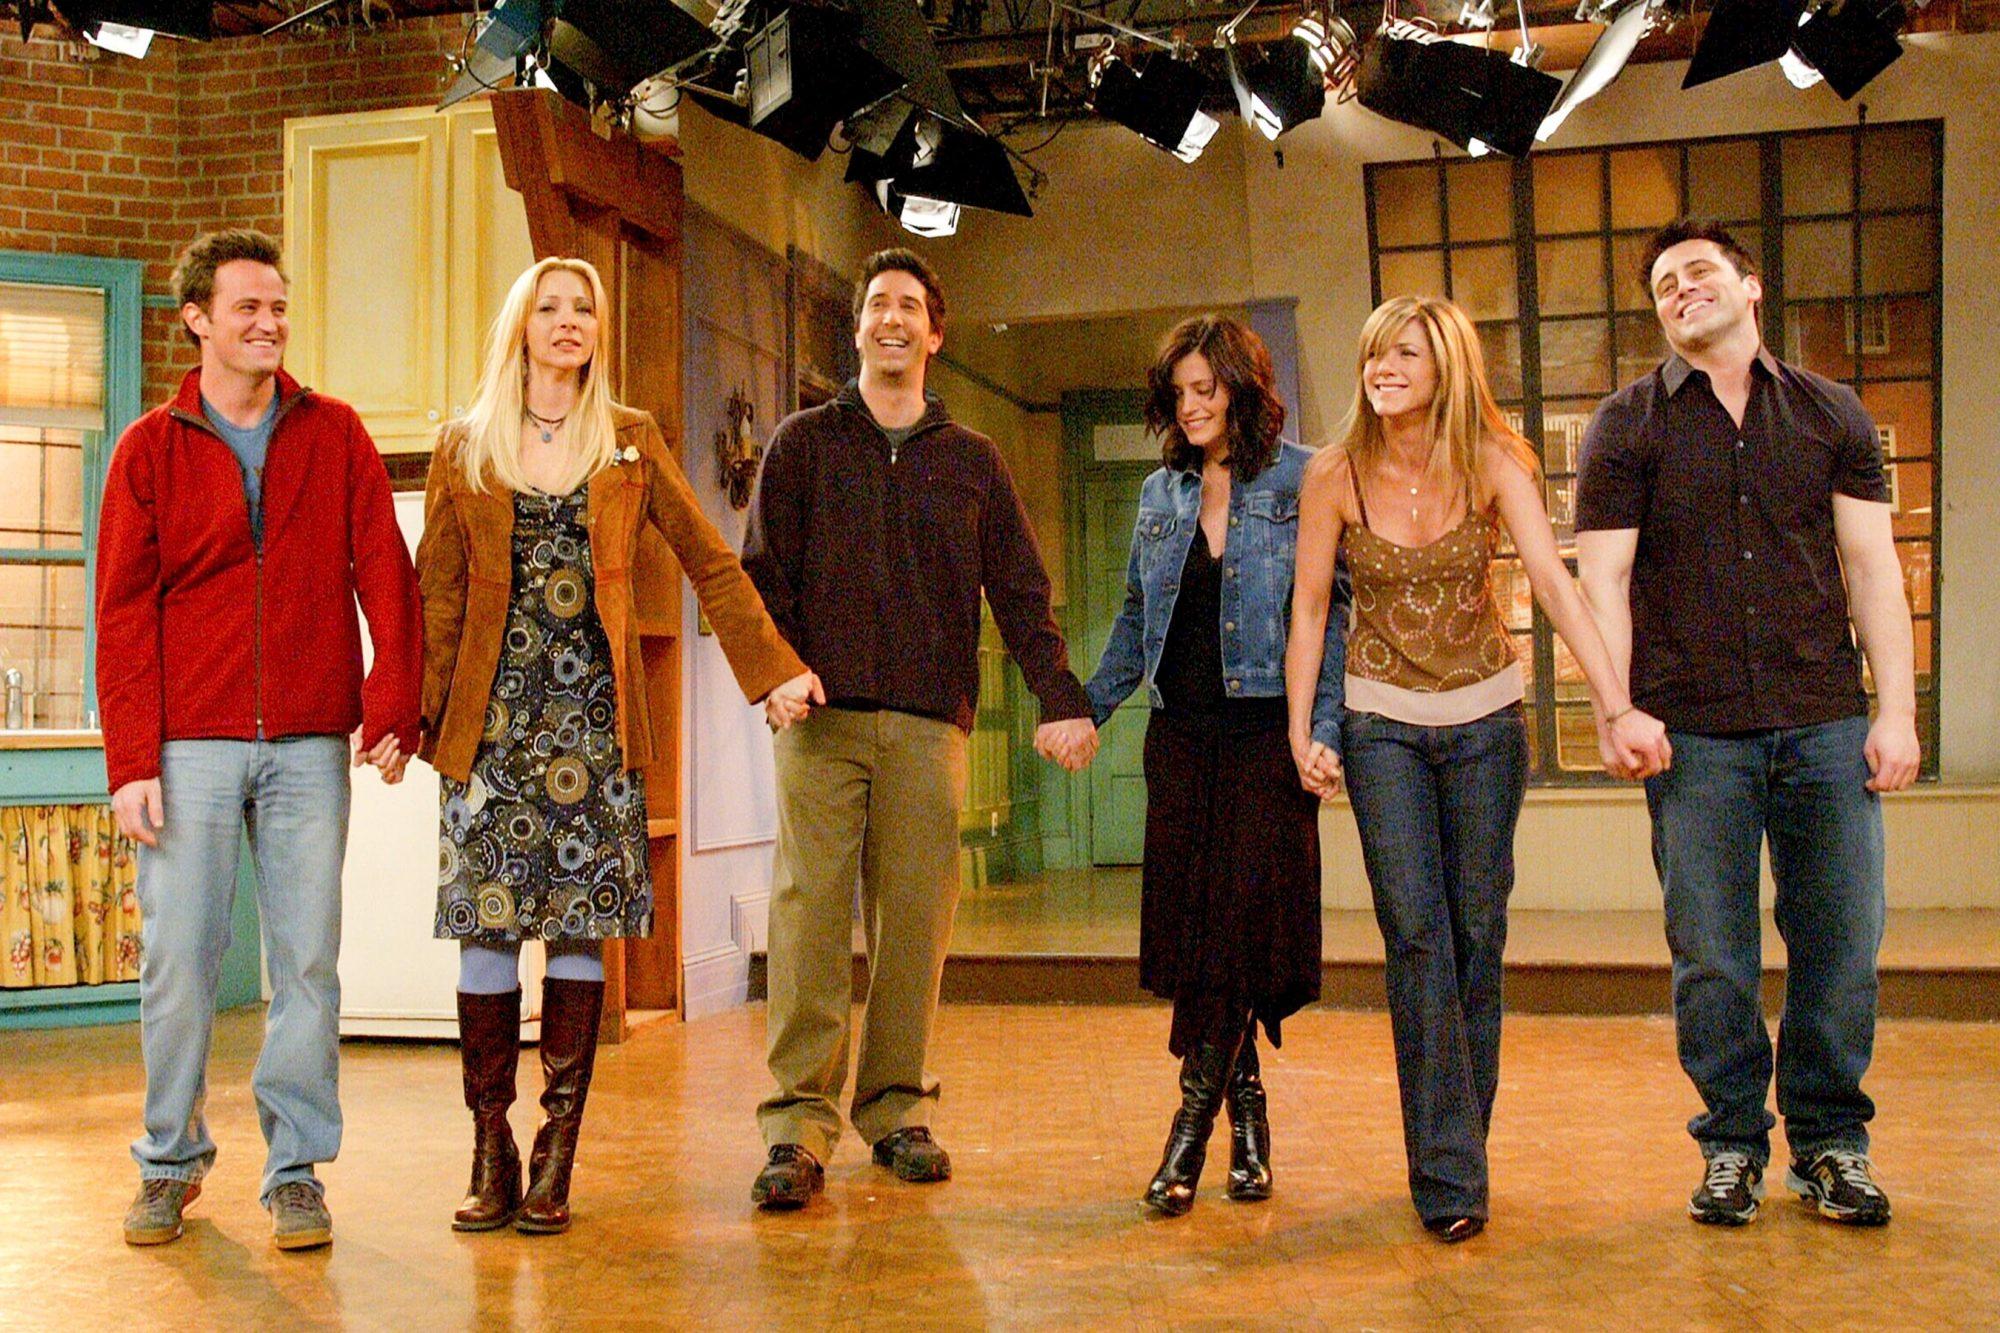 Friends CR: NBC